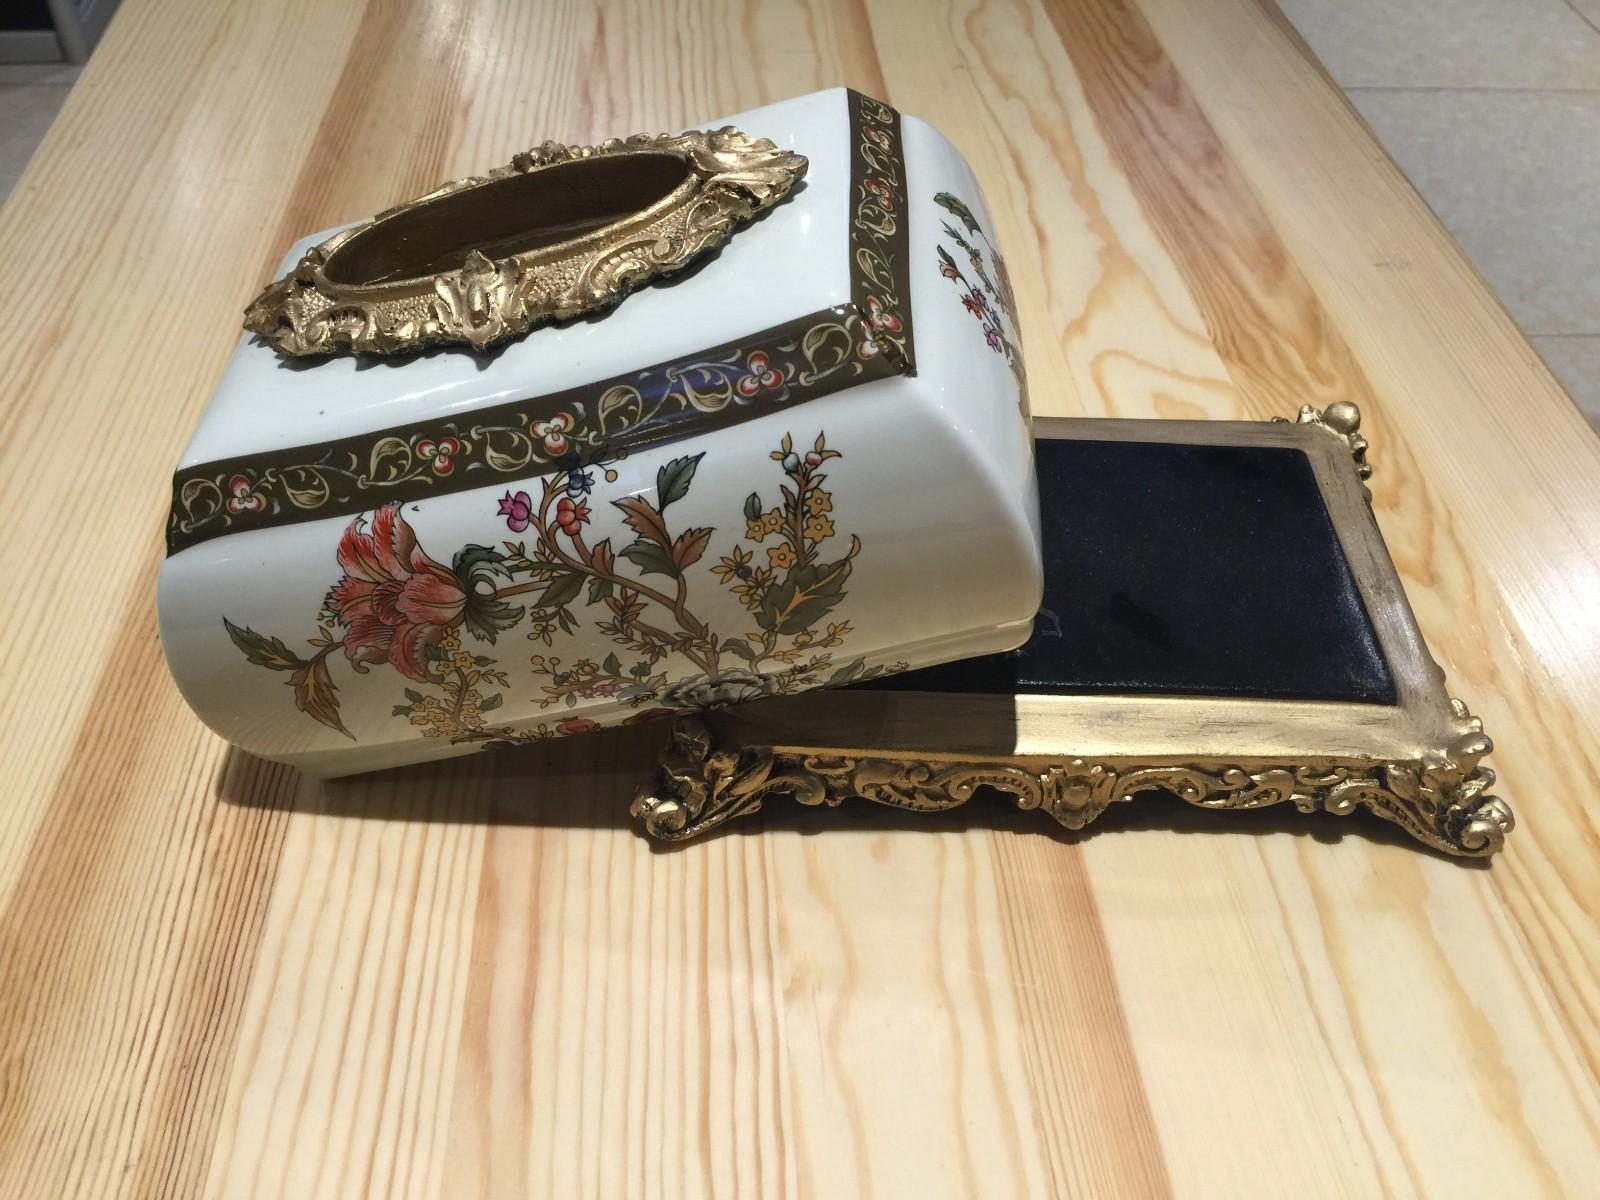 俄罗斯牙瓷纸巾盒 收纳盒 装饰摆件 批发 团购图片六